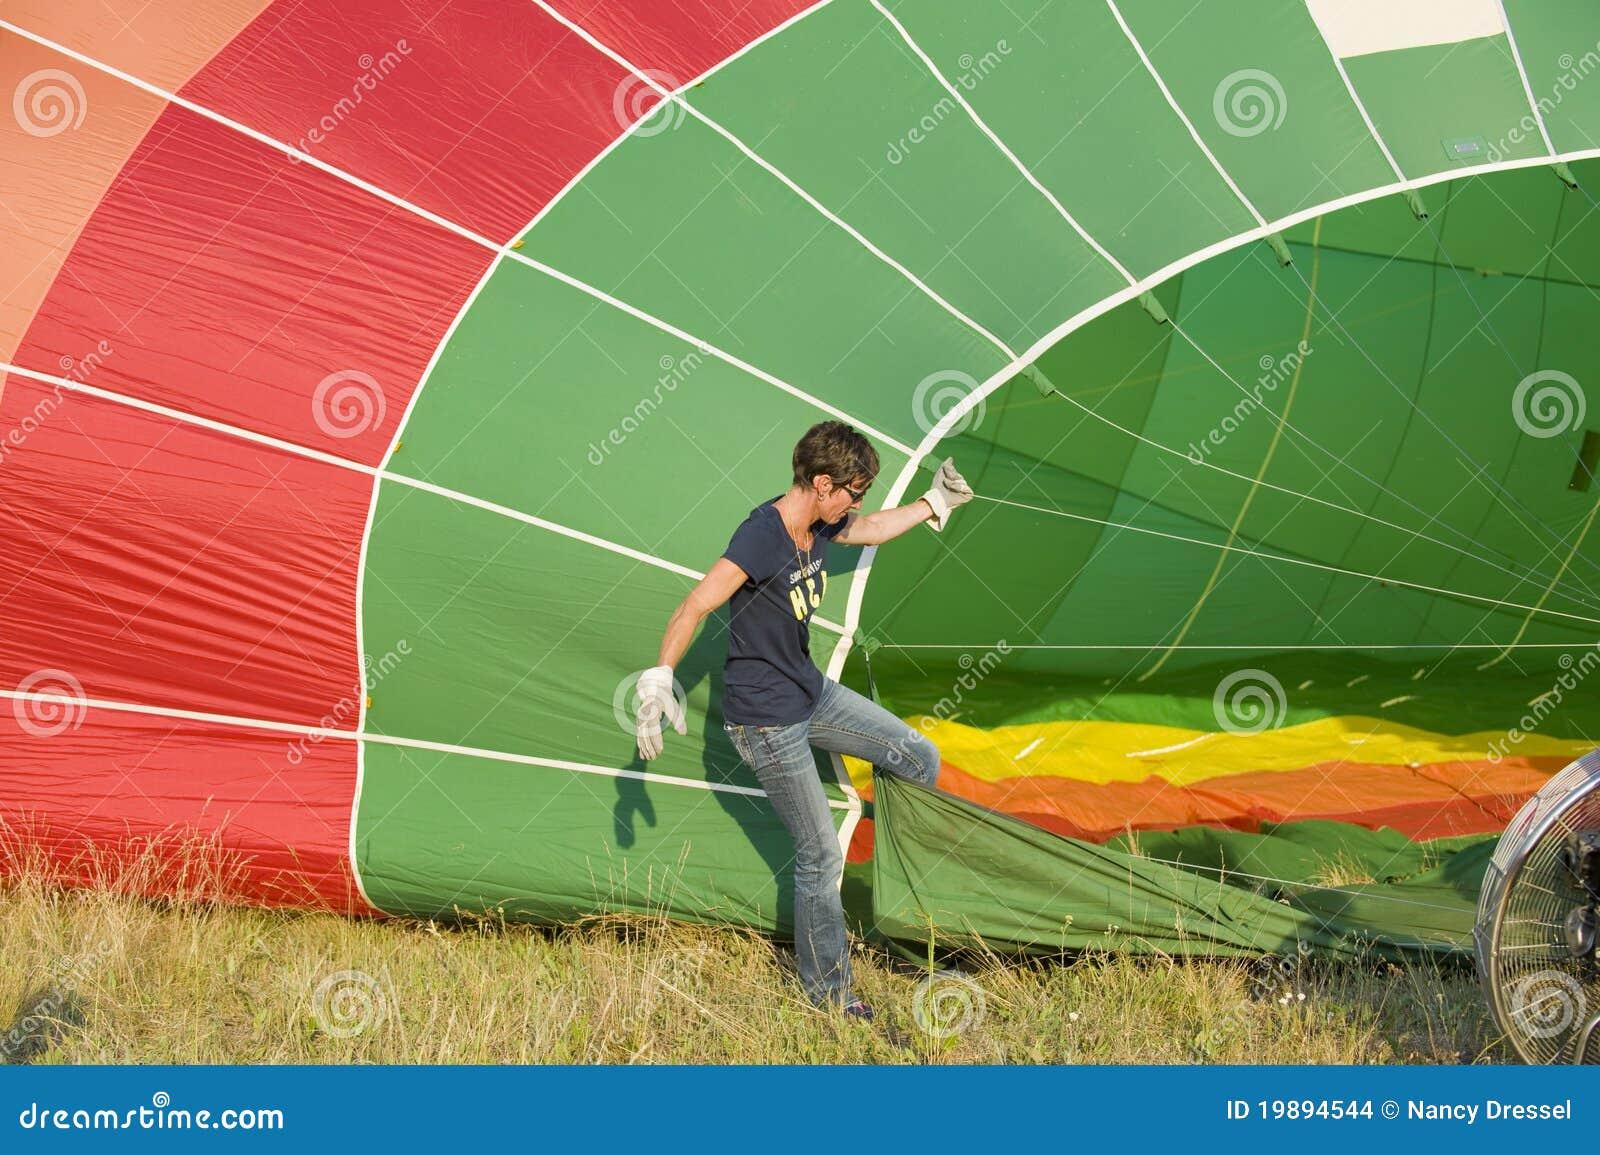 Remplir vers le haut du ballon à air chaud